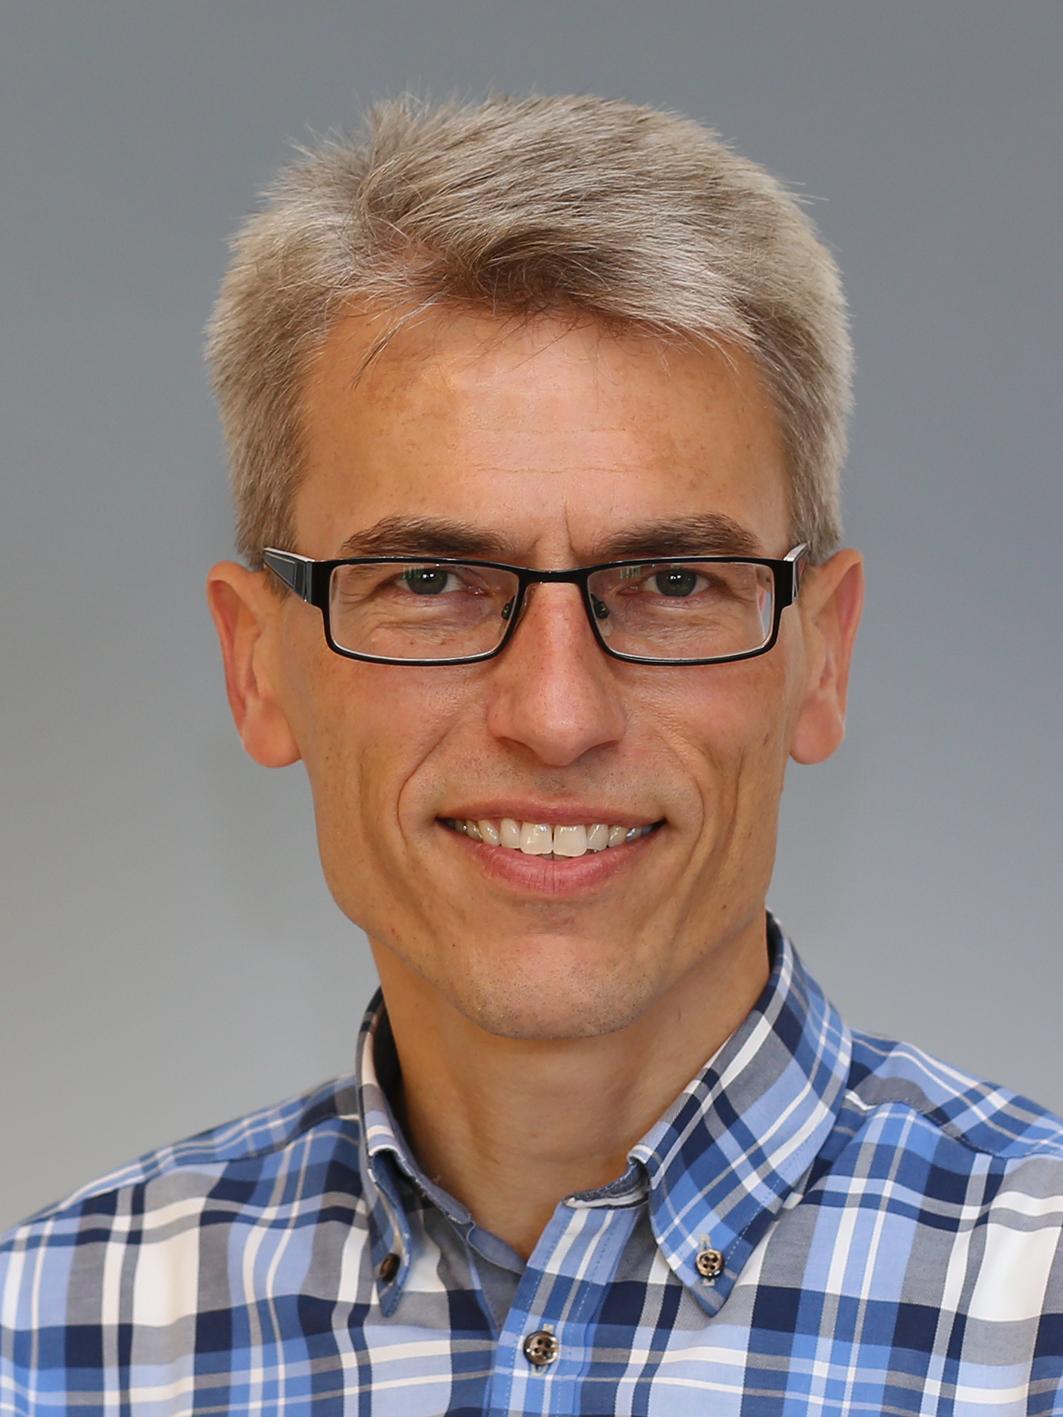 Carsten Willemoes Jørgensen